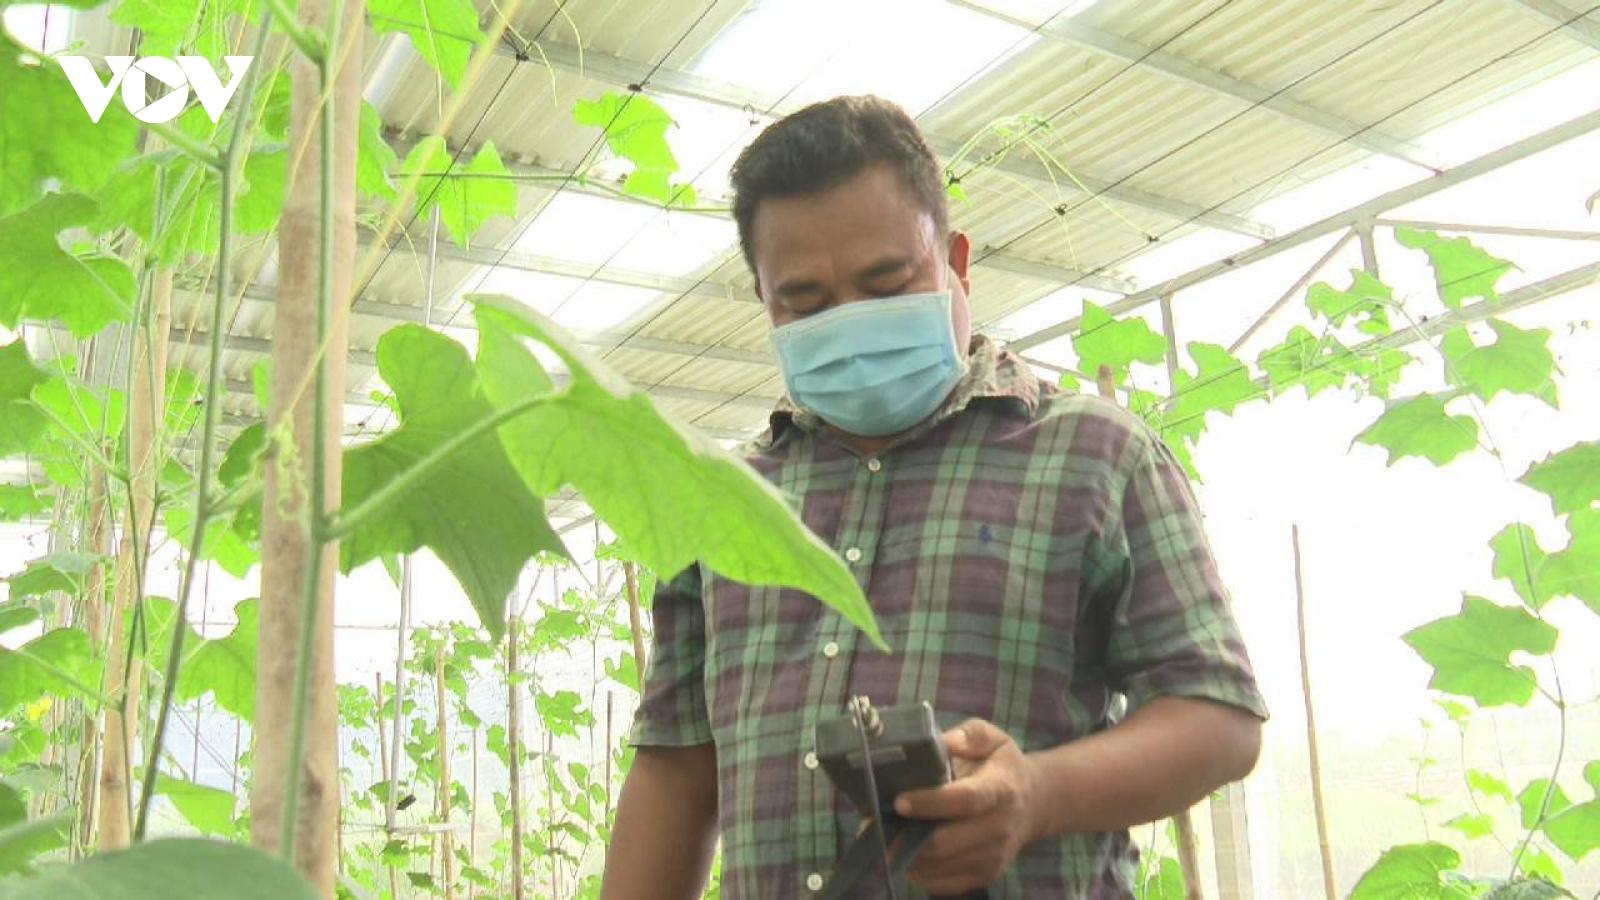 Ứng dụng năng lượng mặt trời vào sản xuất nông nghiệp mang lại hiệu quả cao